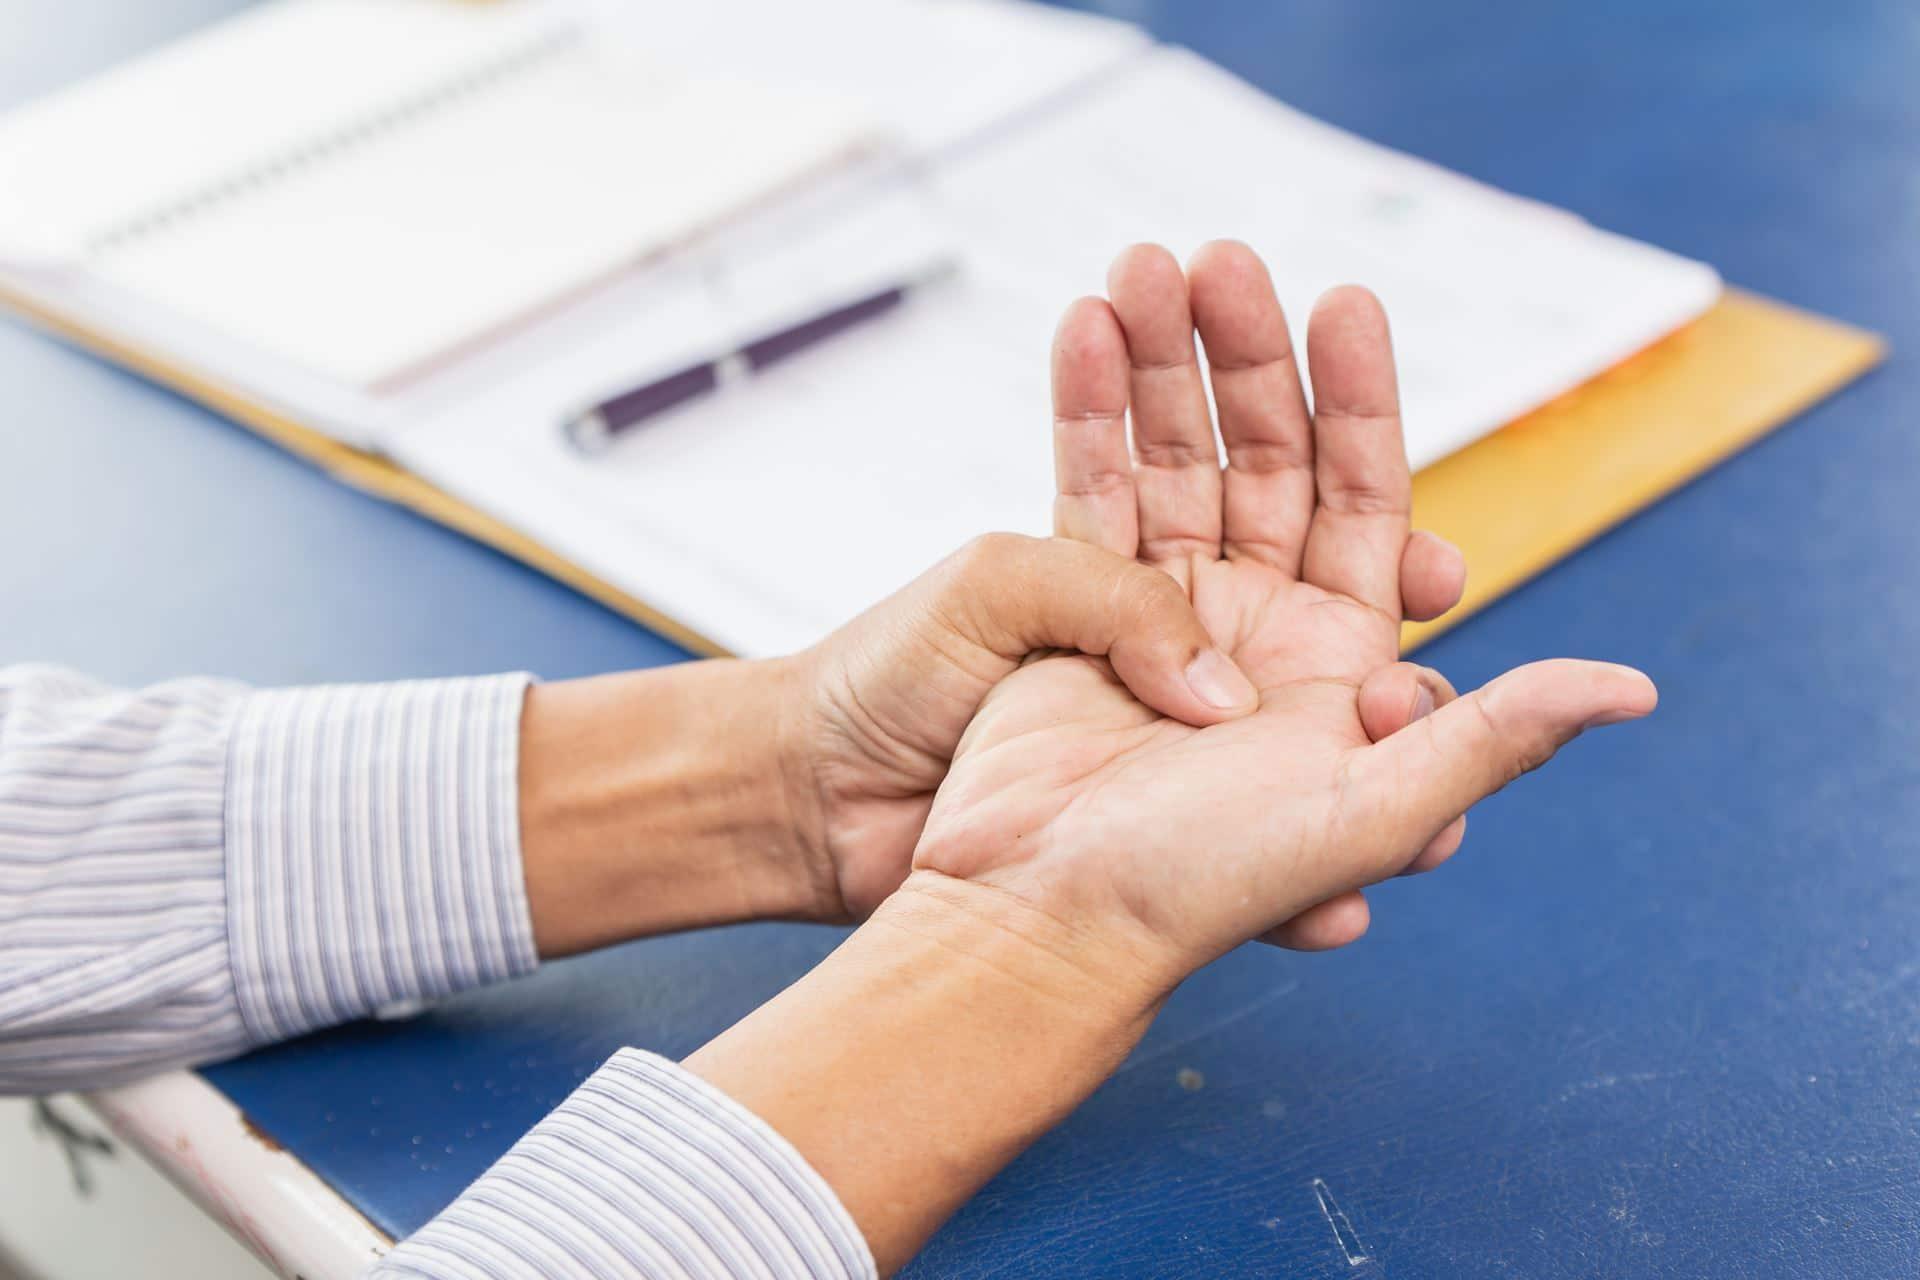 סימנים מוקדמים לפרקינסון - Restart Therapy מומחים בשיקום פרטי בבית הלקוח